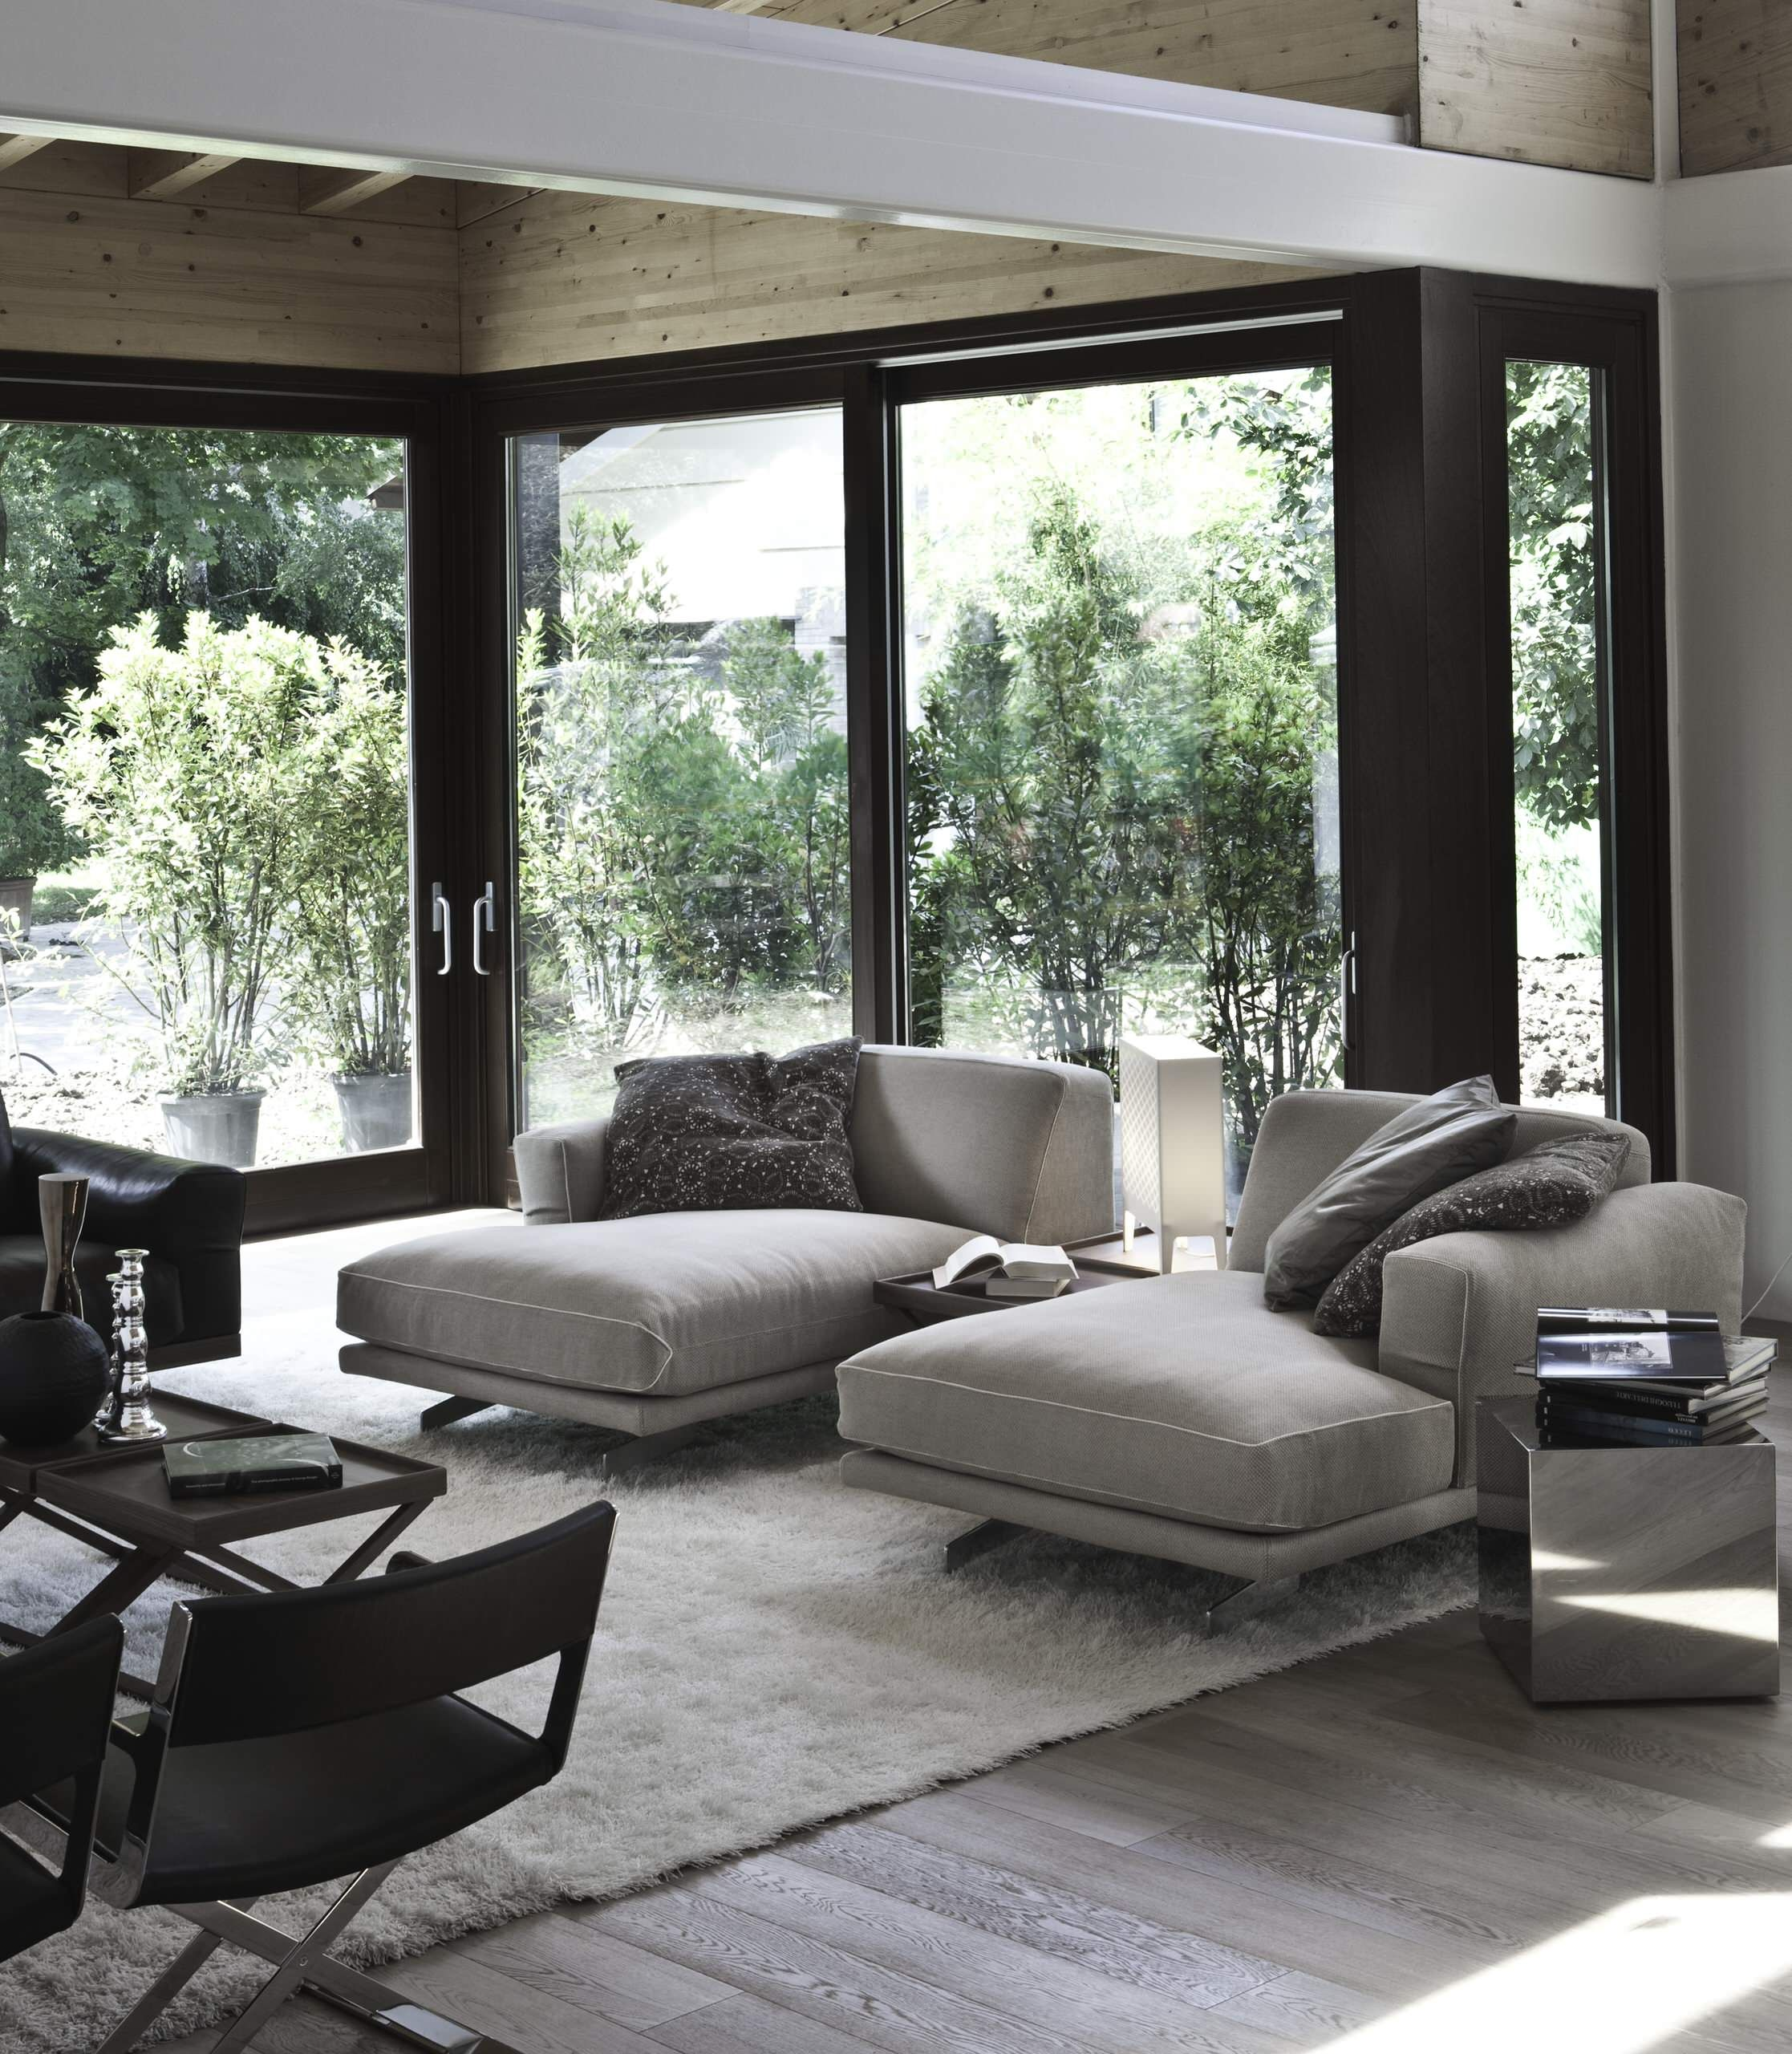 Photo of Die Meisten Bequemen Wohnzimmer Sessel – die Meisten Bequemen Wohnzimmer-Sessel …